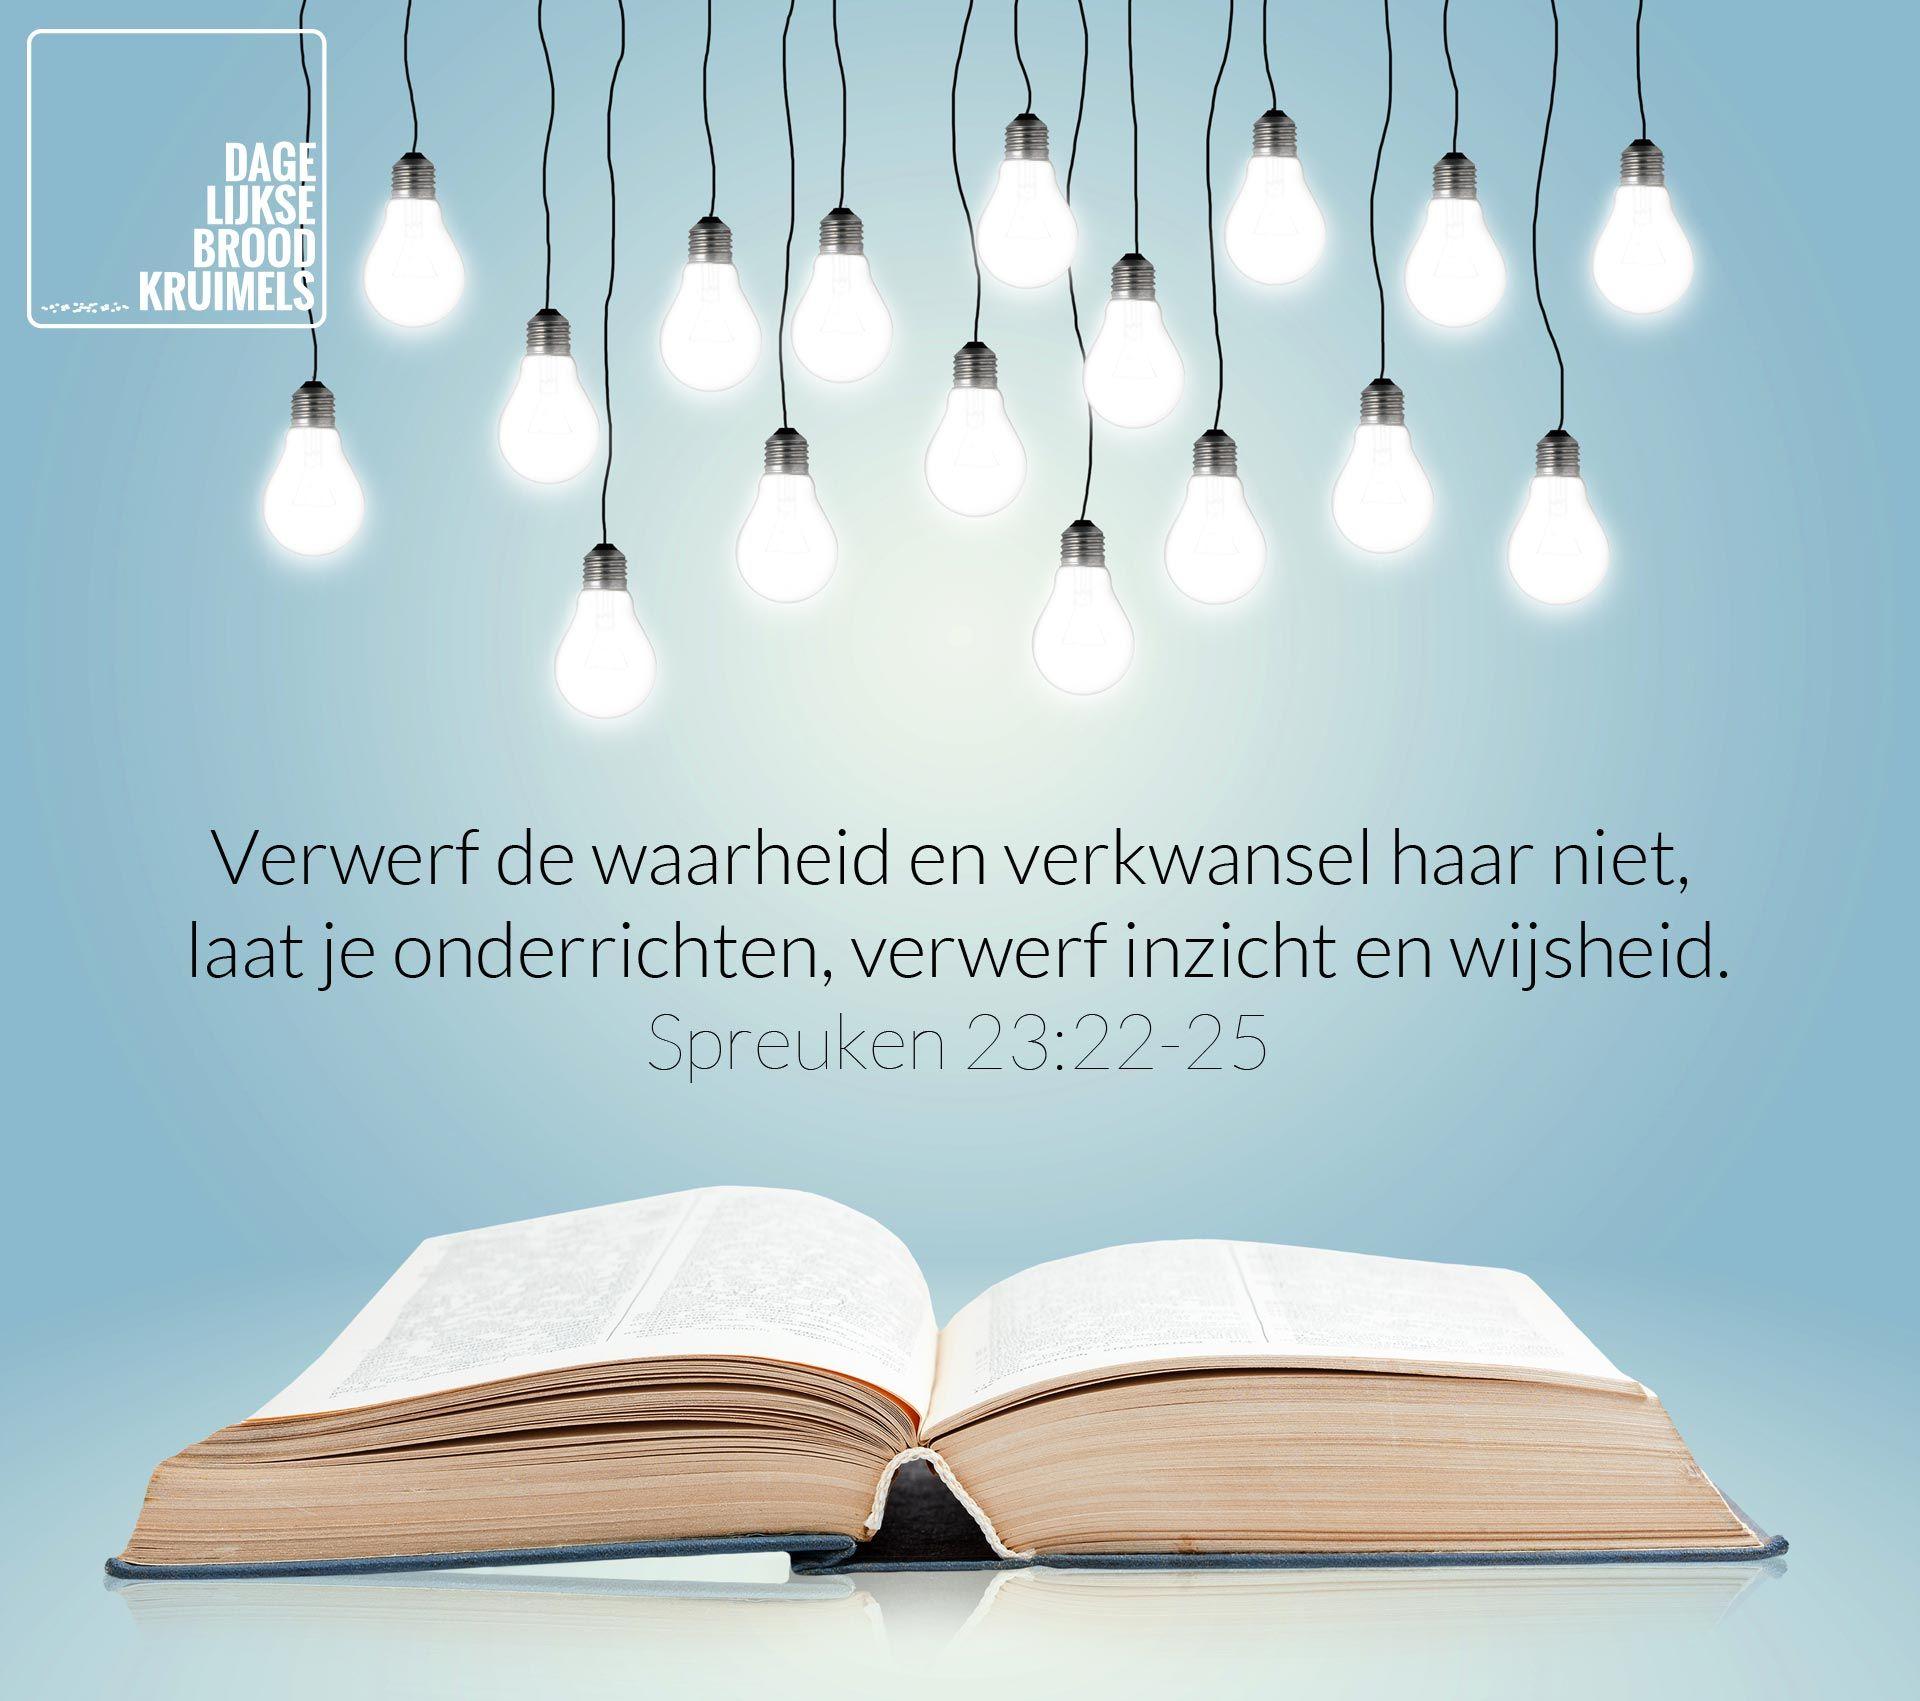 spreuken wijsheid bijbel Spreuken 23:22 25 | BIJBELSE OVERDENKINGEN   Spreuken, Wijsheid en  spreuken wijsheid bijbel